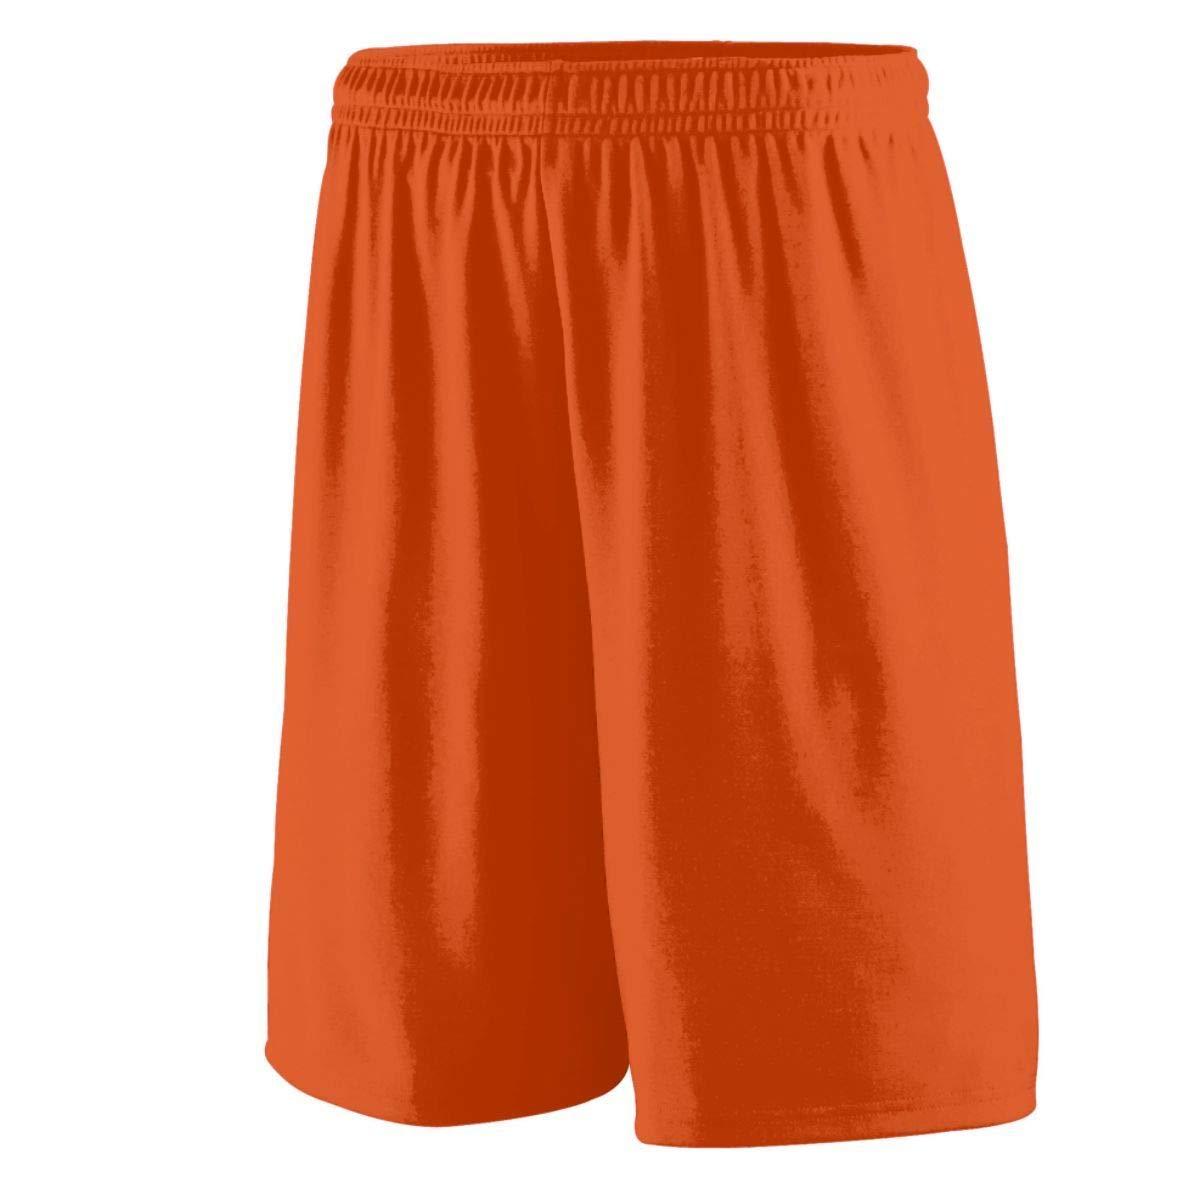 Augusta Sportswear Men's Training Short, Orange, X-Large by Augusta Sportswear